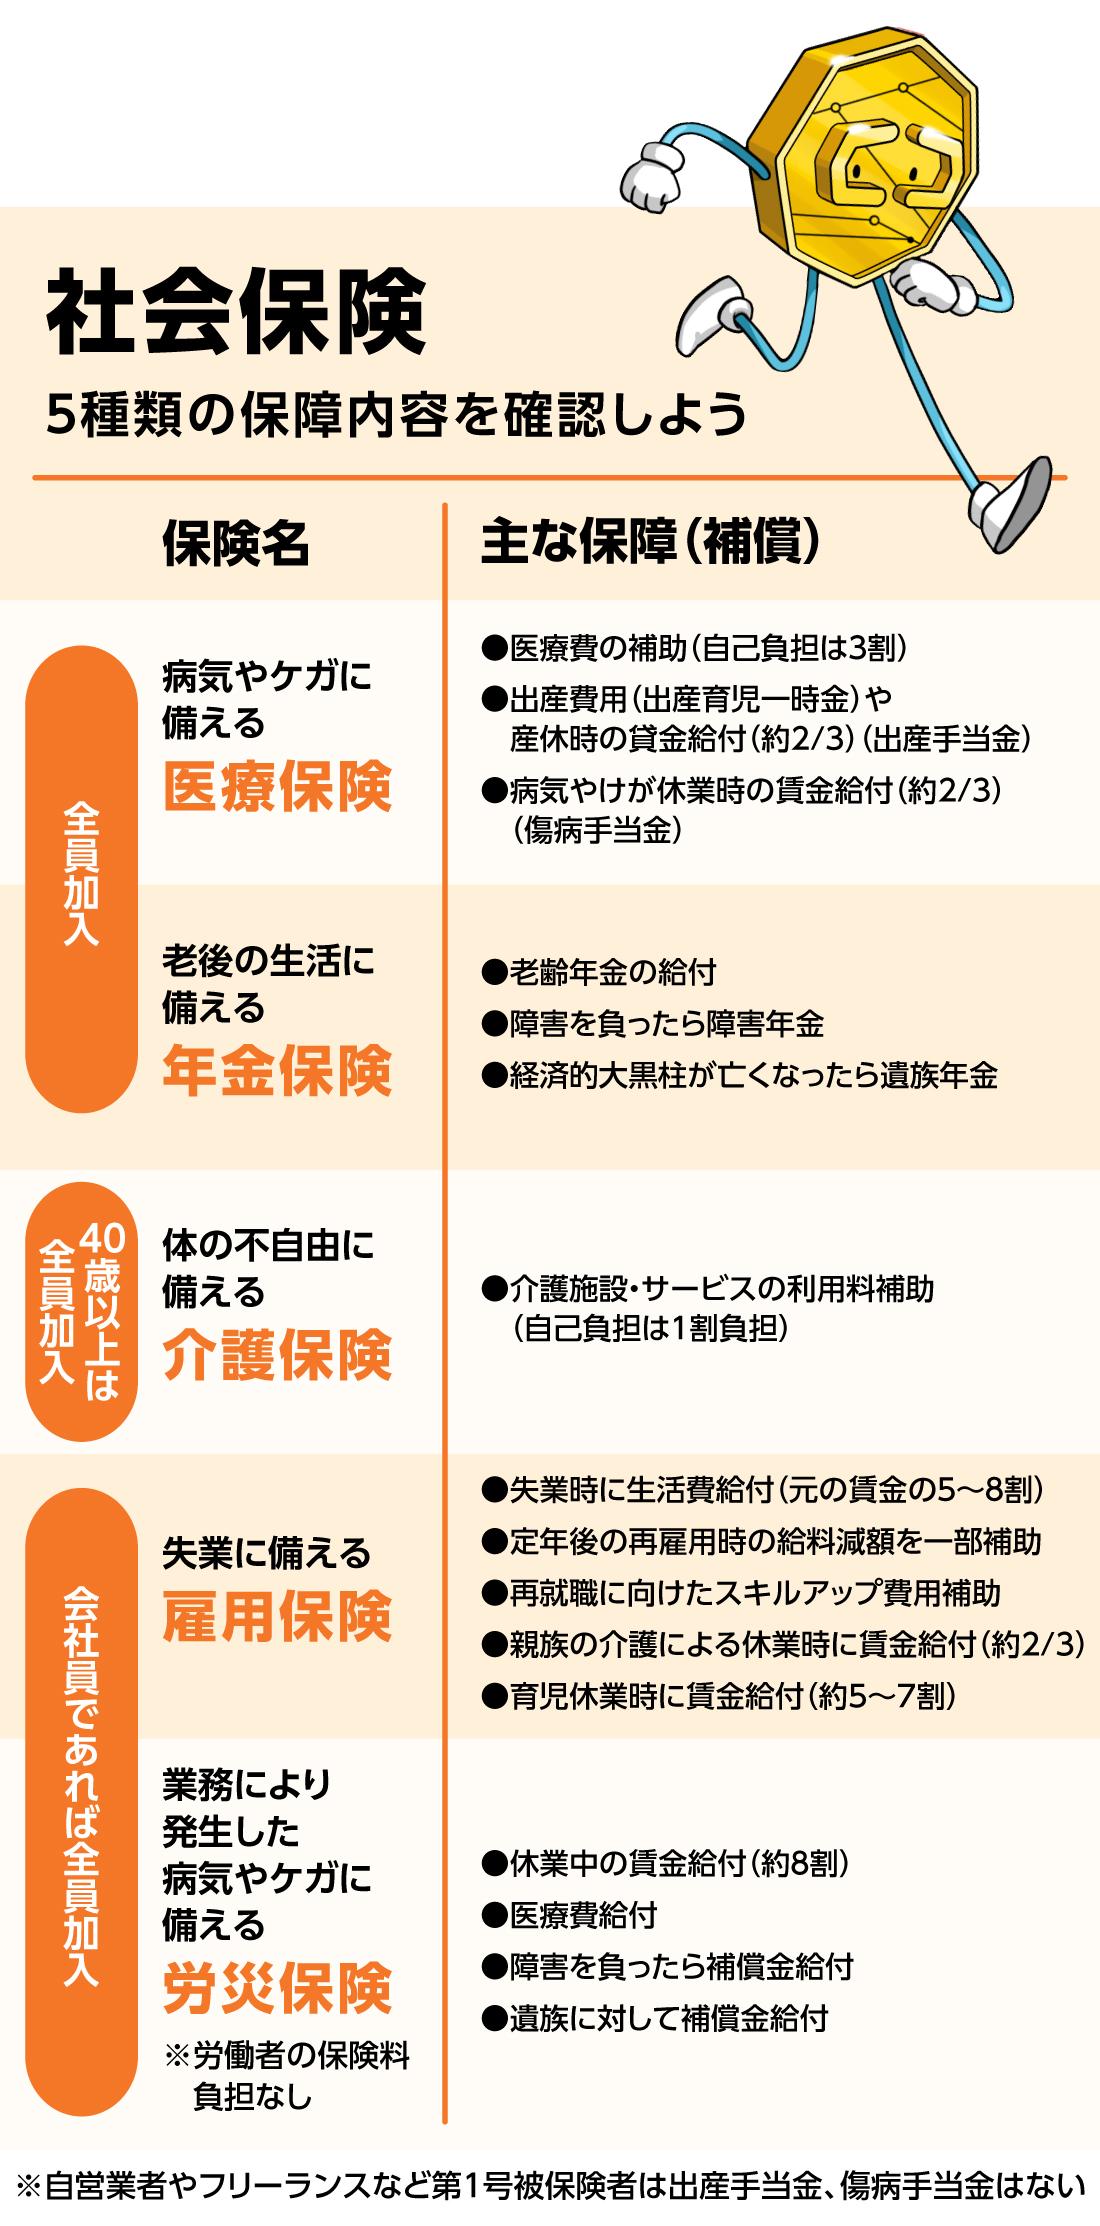 社会保険5つの代表的な保障内容まとめ